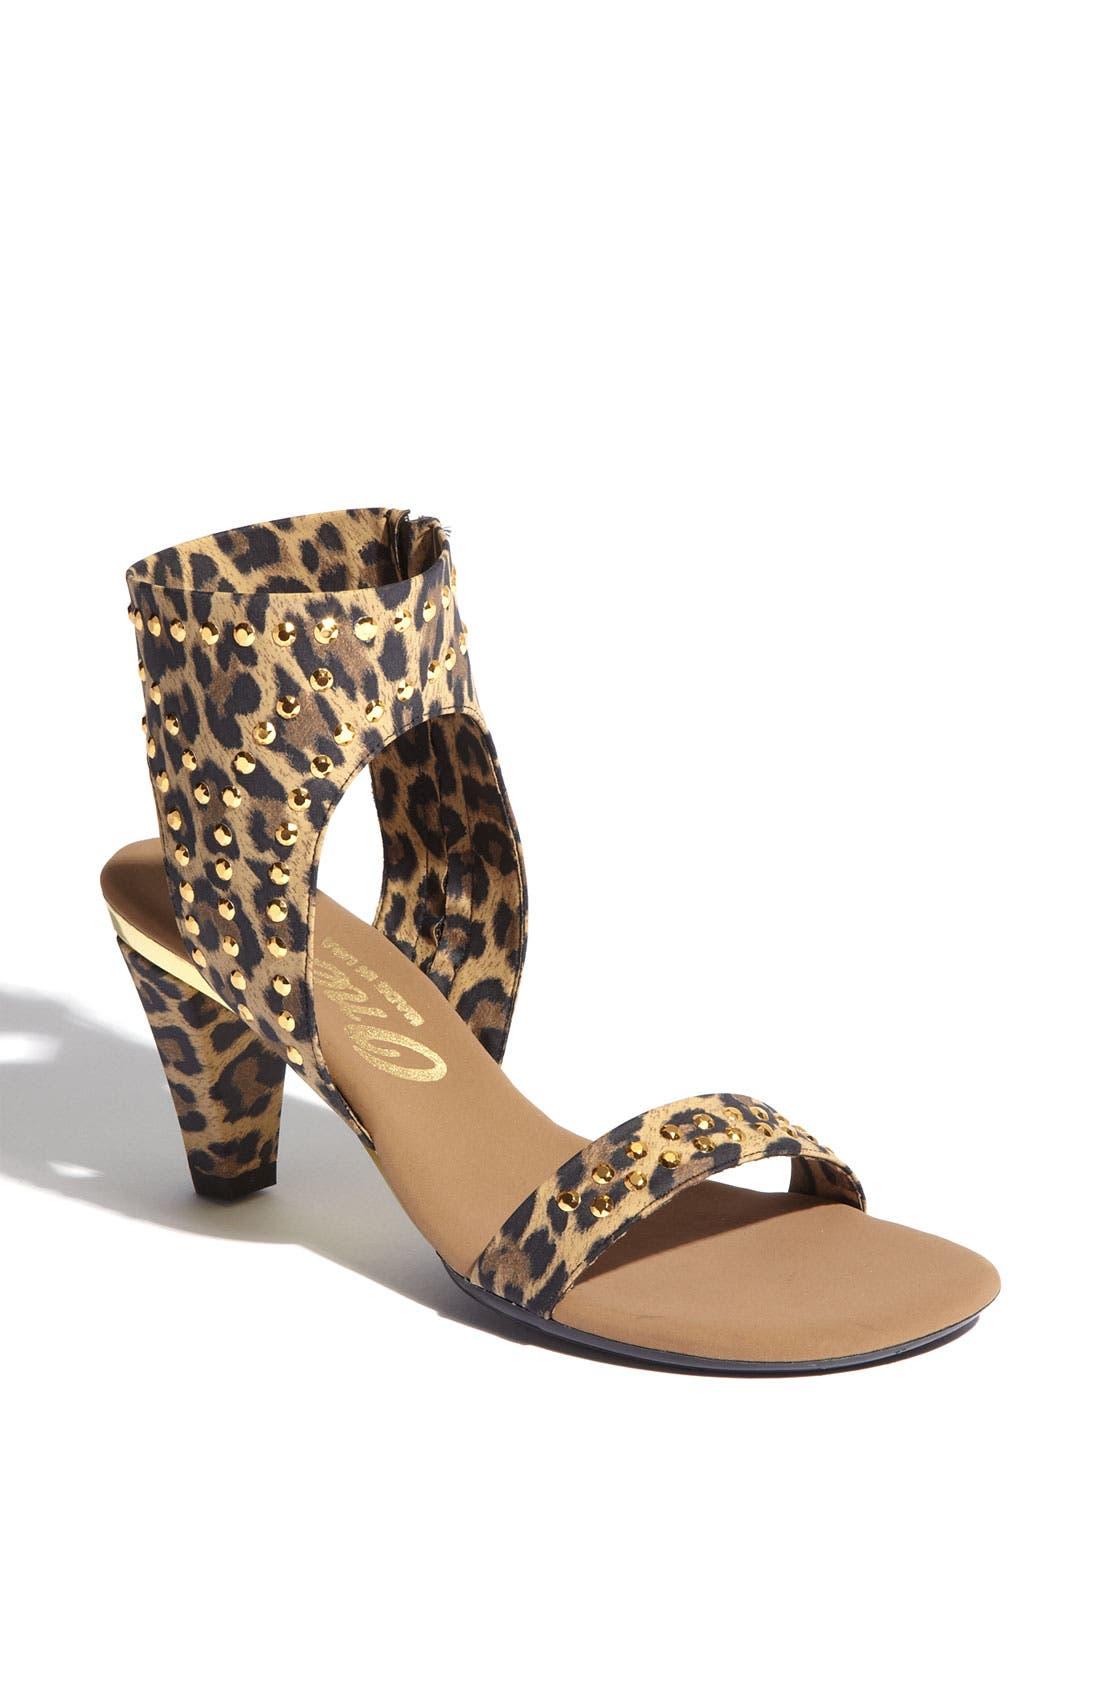 Main Image - Onex 'Showgirl' Sandal